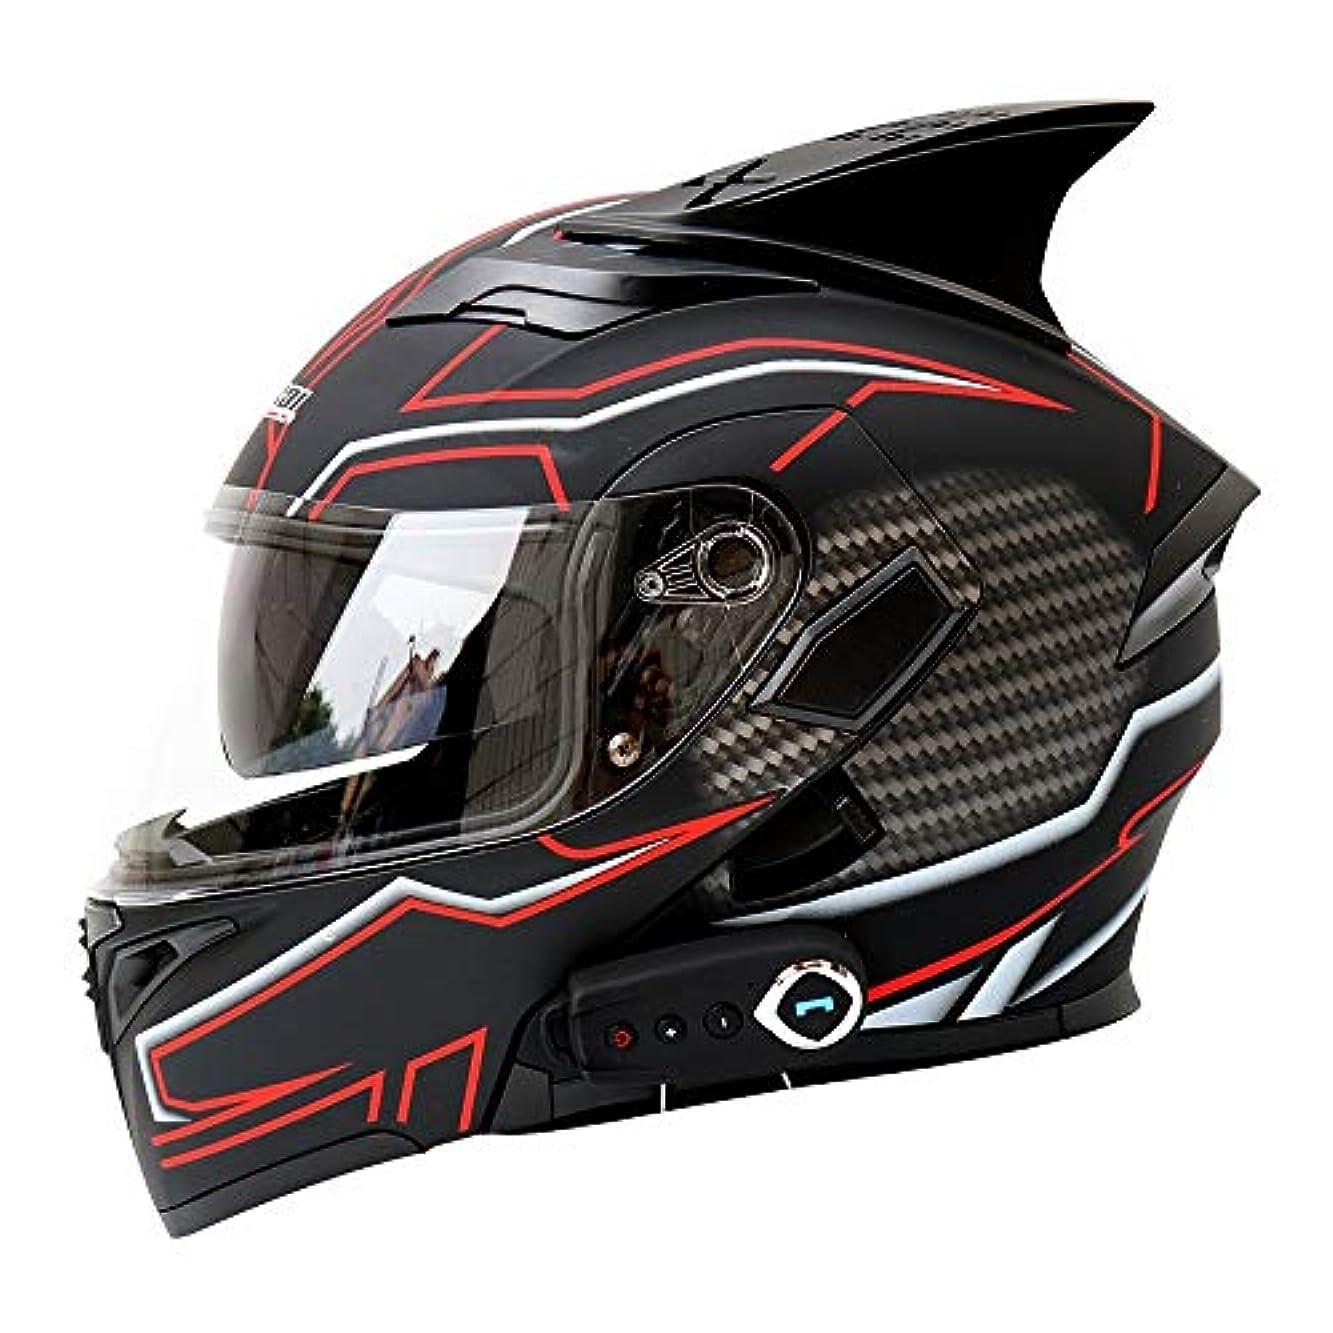 ヒステリック安全な闇HYH 電動オートバイブルートゥースヘルメットブルートゥースオートバイフルフェイスヘルメットダブルレンズオープンフェイスヘルメットフルフェイスヘルメットFMベルトホーン - ABS素材 - マットブラック - 赤と白のストライプ - 大 いい人生 (Size : S)